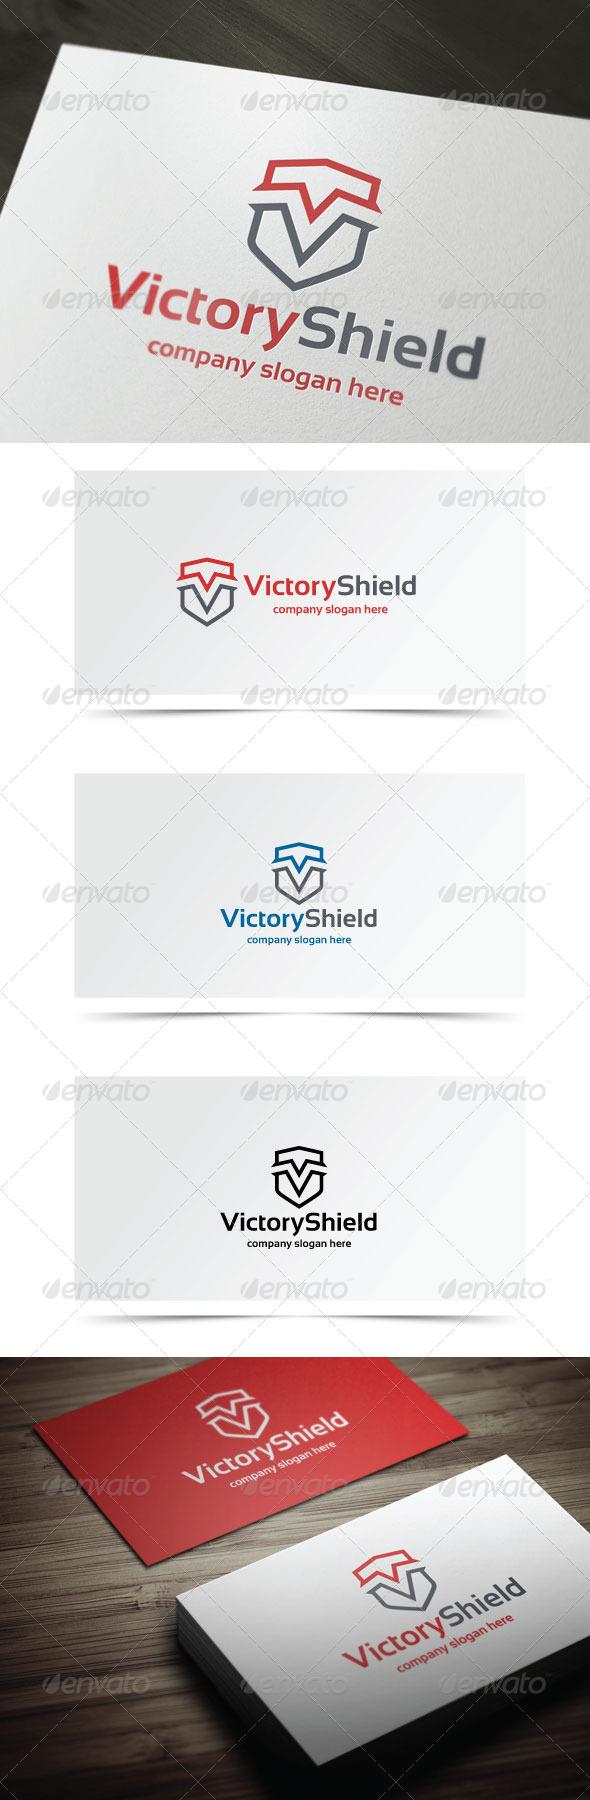 GraphicRiver Victory Shield 6539194